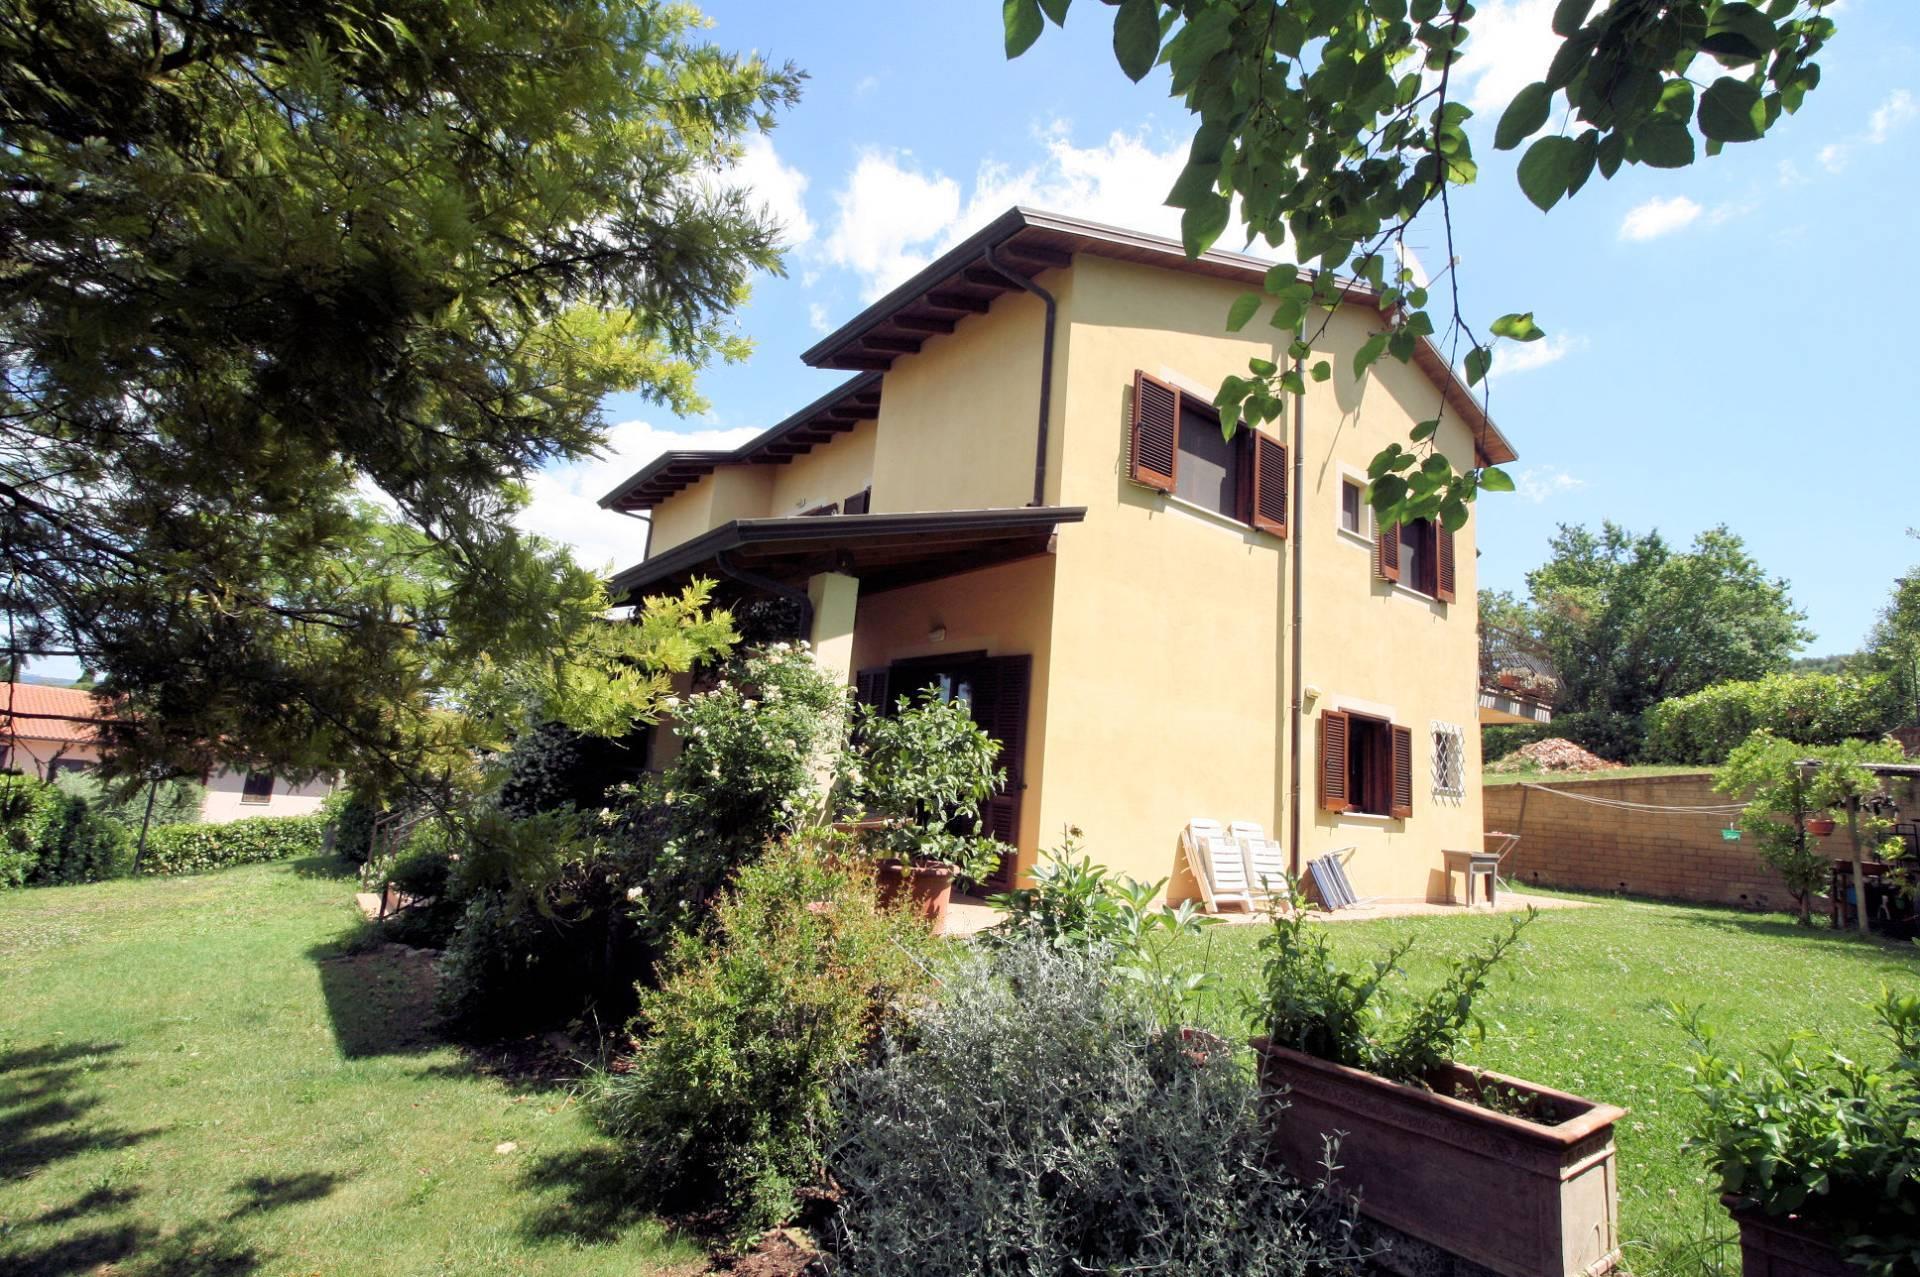 Villa in vendita a Manciano, 13 locali, zona Zona: Marsiliana, prezzo € 550.000 | CambioCasa.it